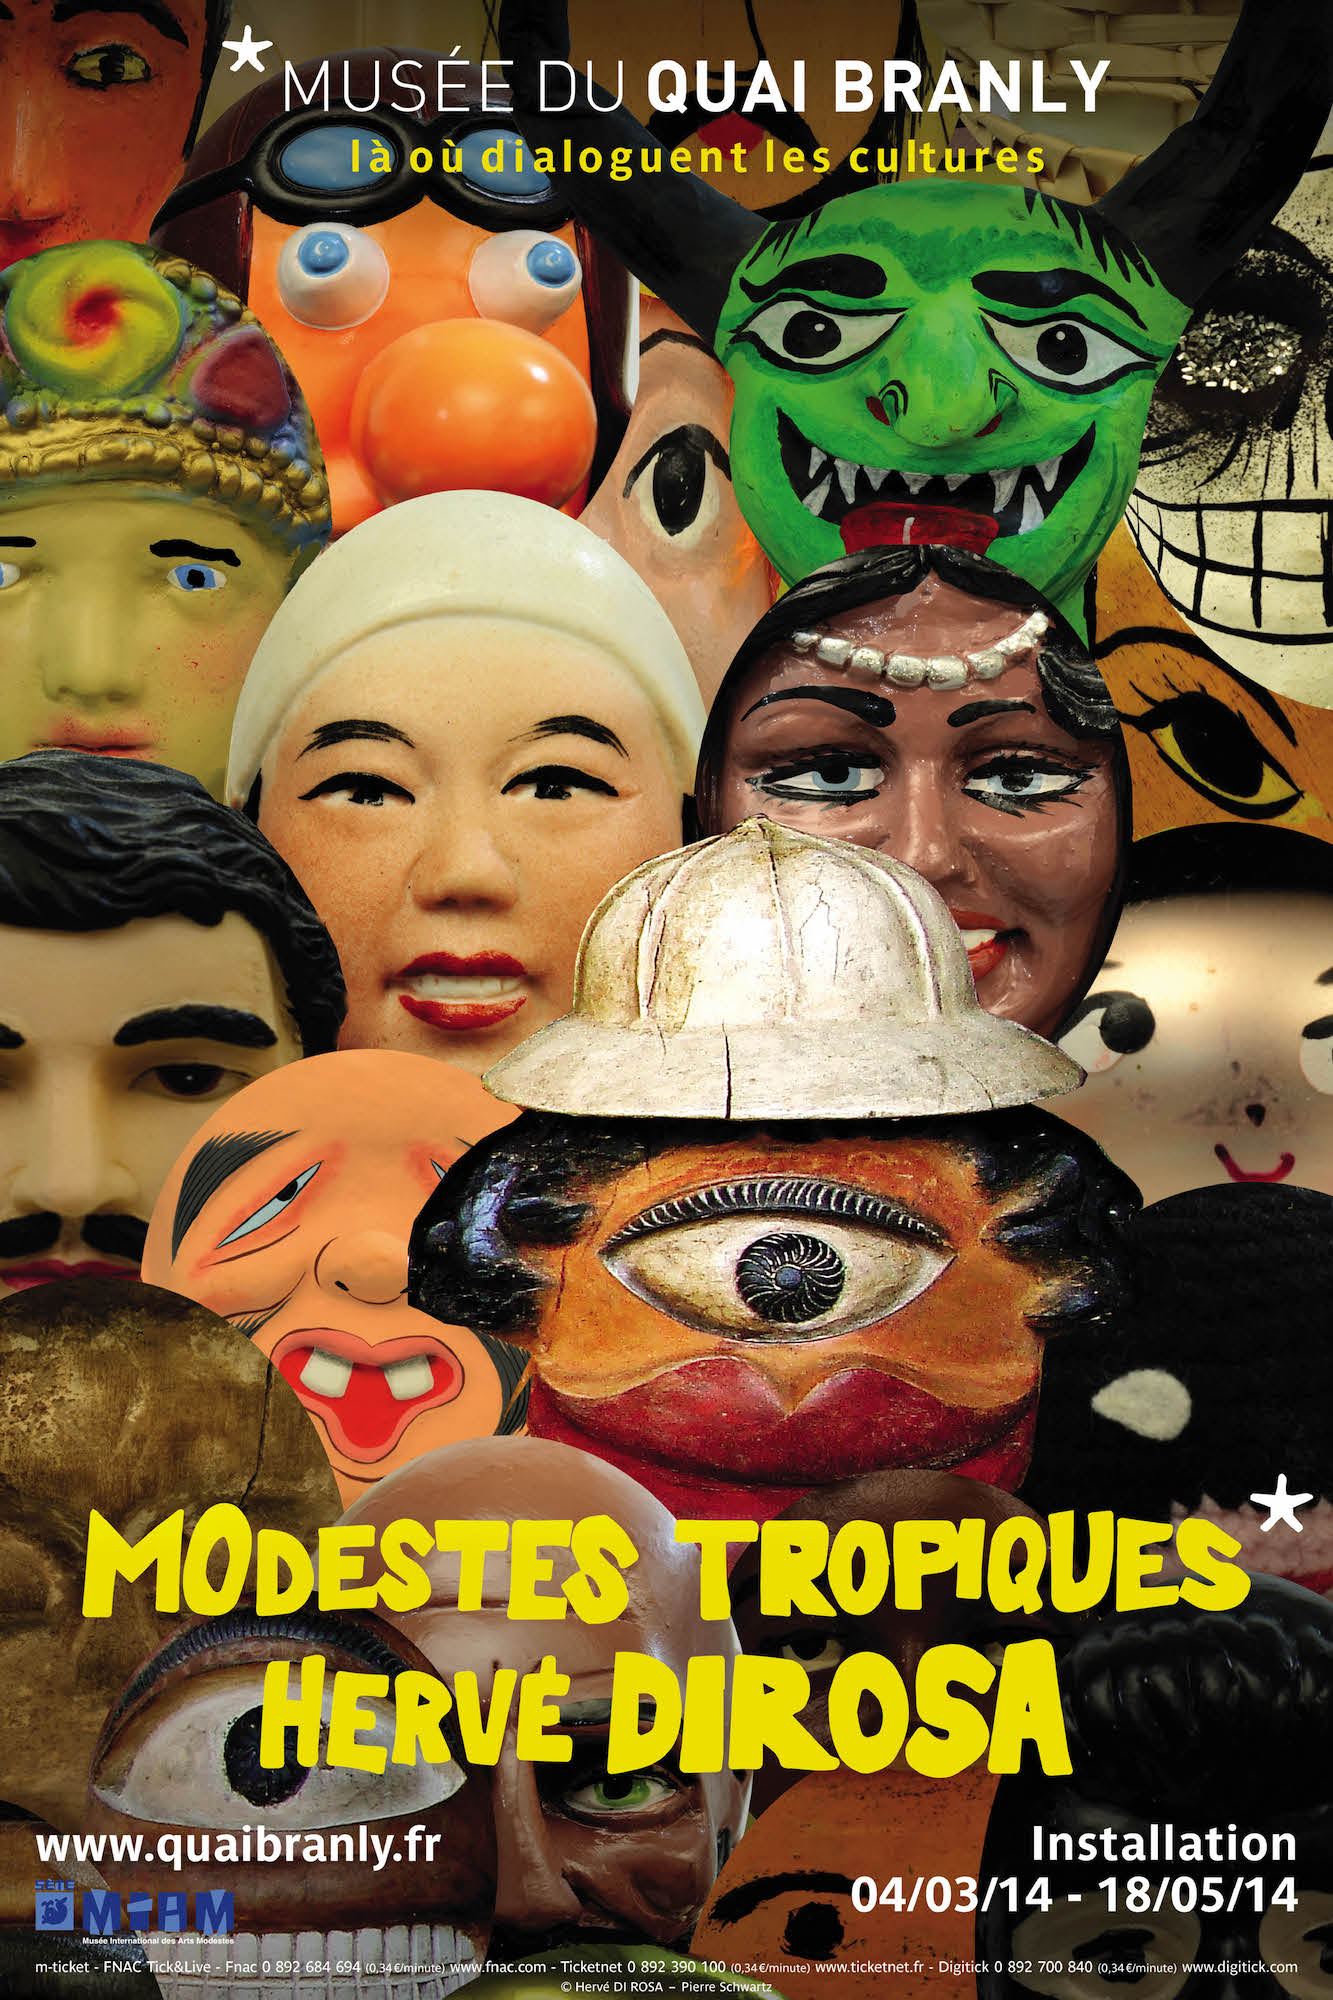 exposition Modestes tropiques, Musée du Quai Branly, Paris 2014